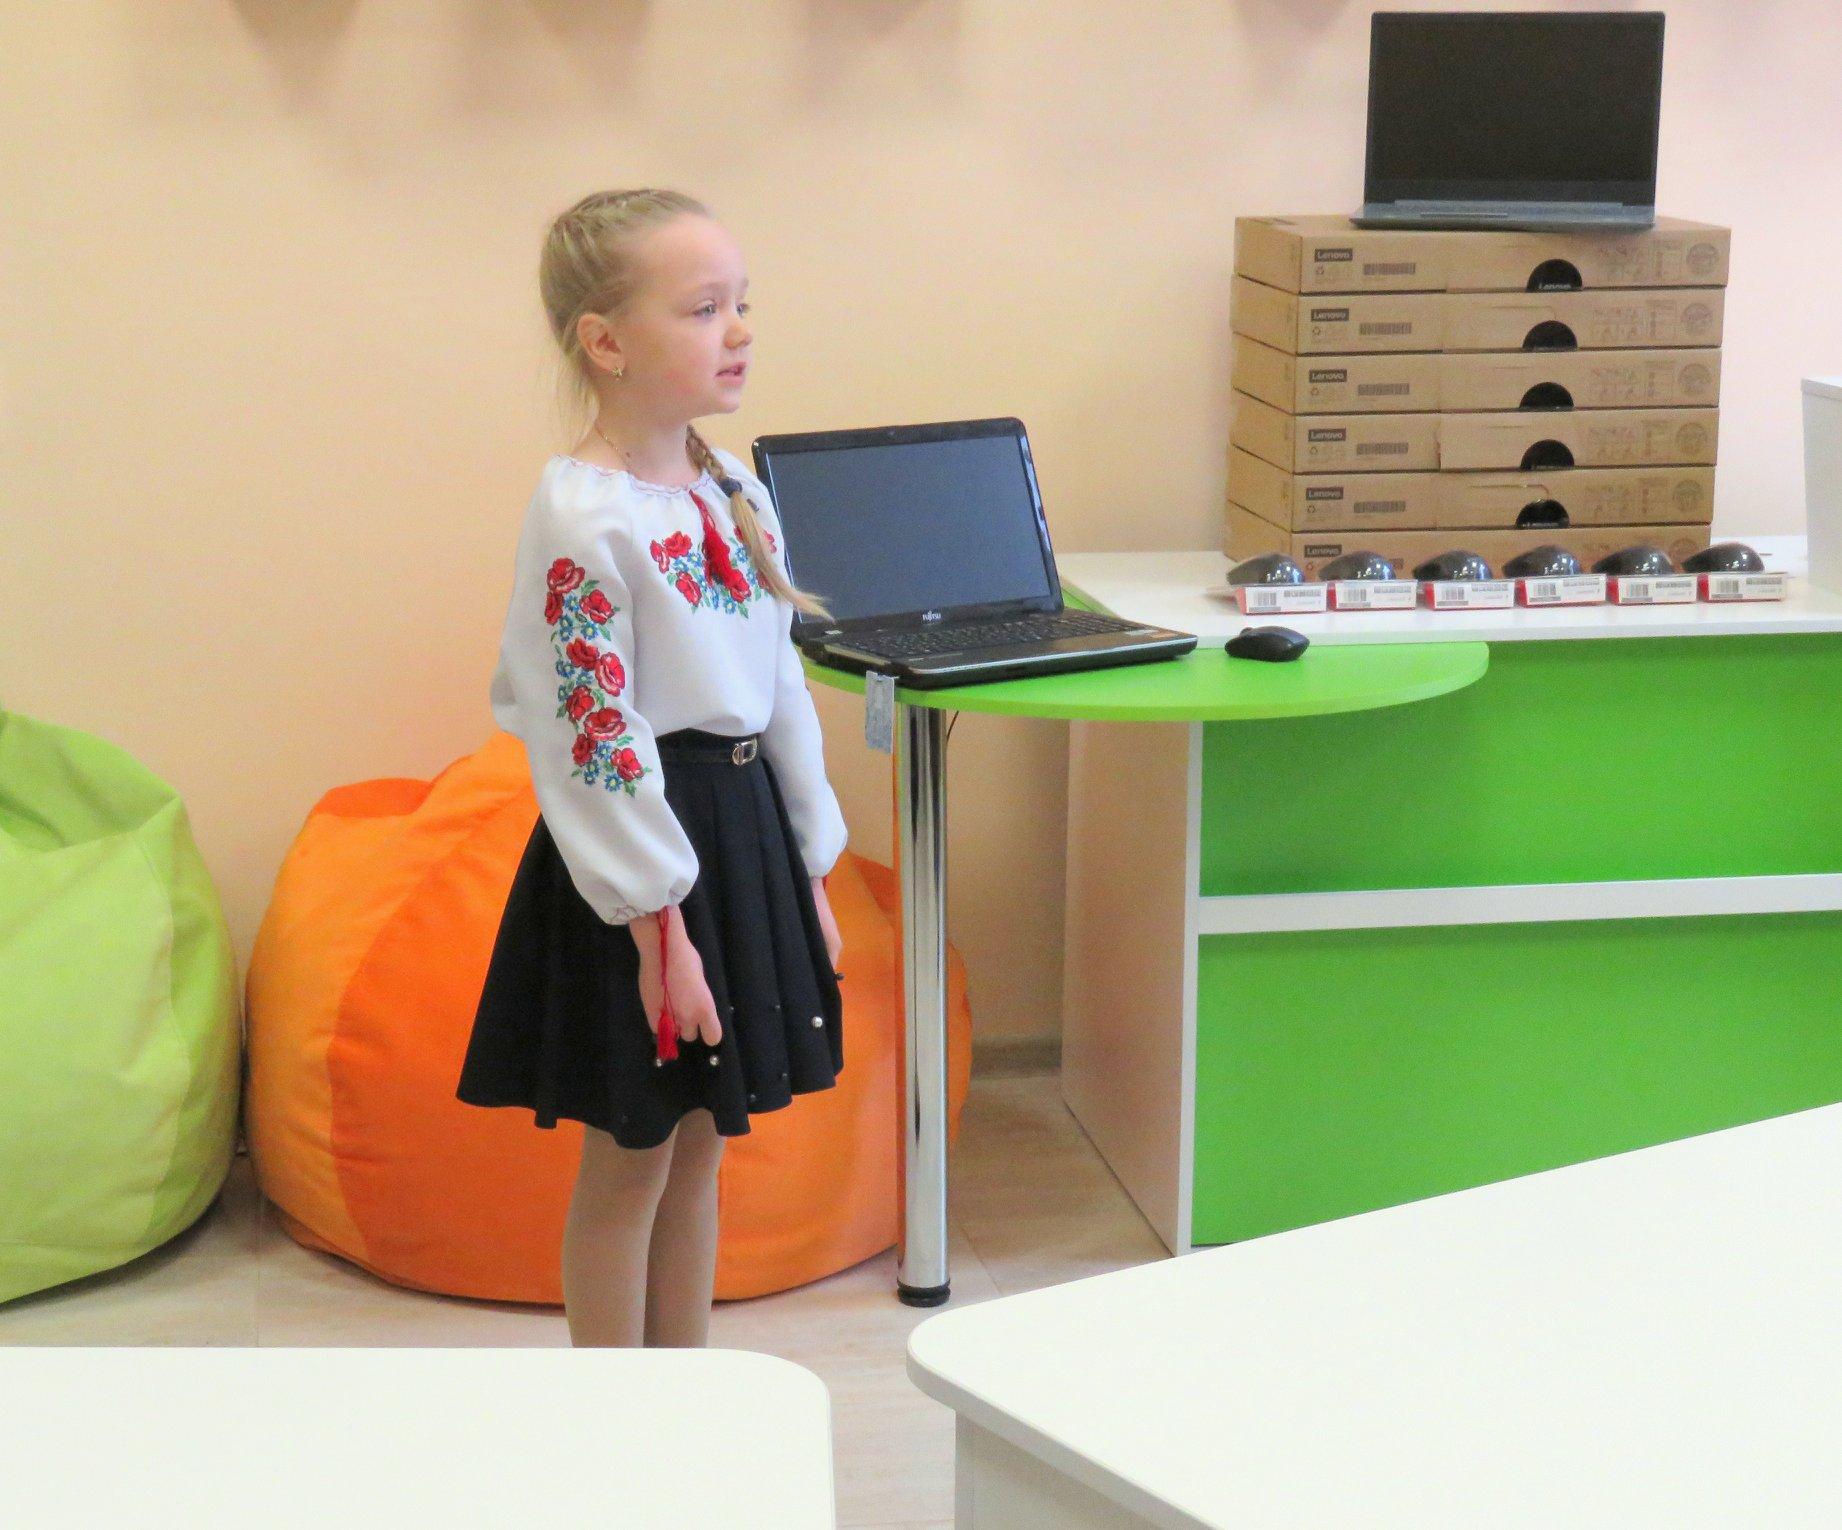 У Білій Церкві вивчають болгарську мову - навчання, Біла Церква - 79016174 2573358992785248 5530387318407430144 o